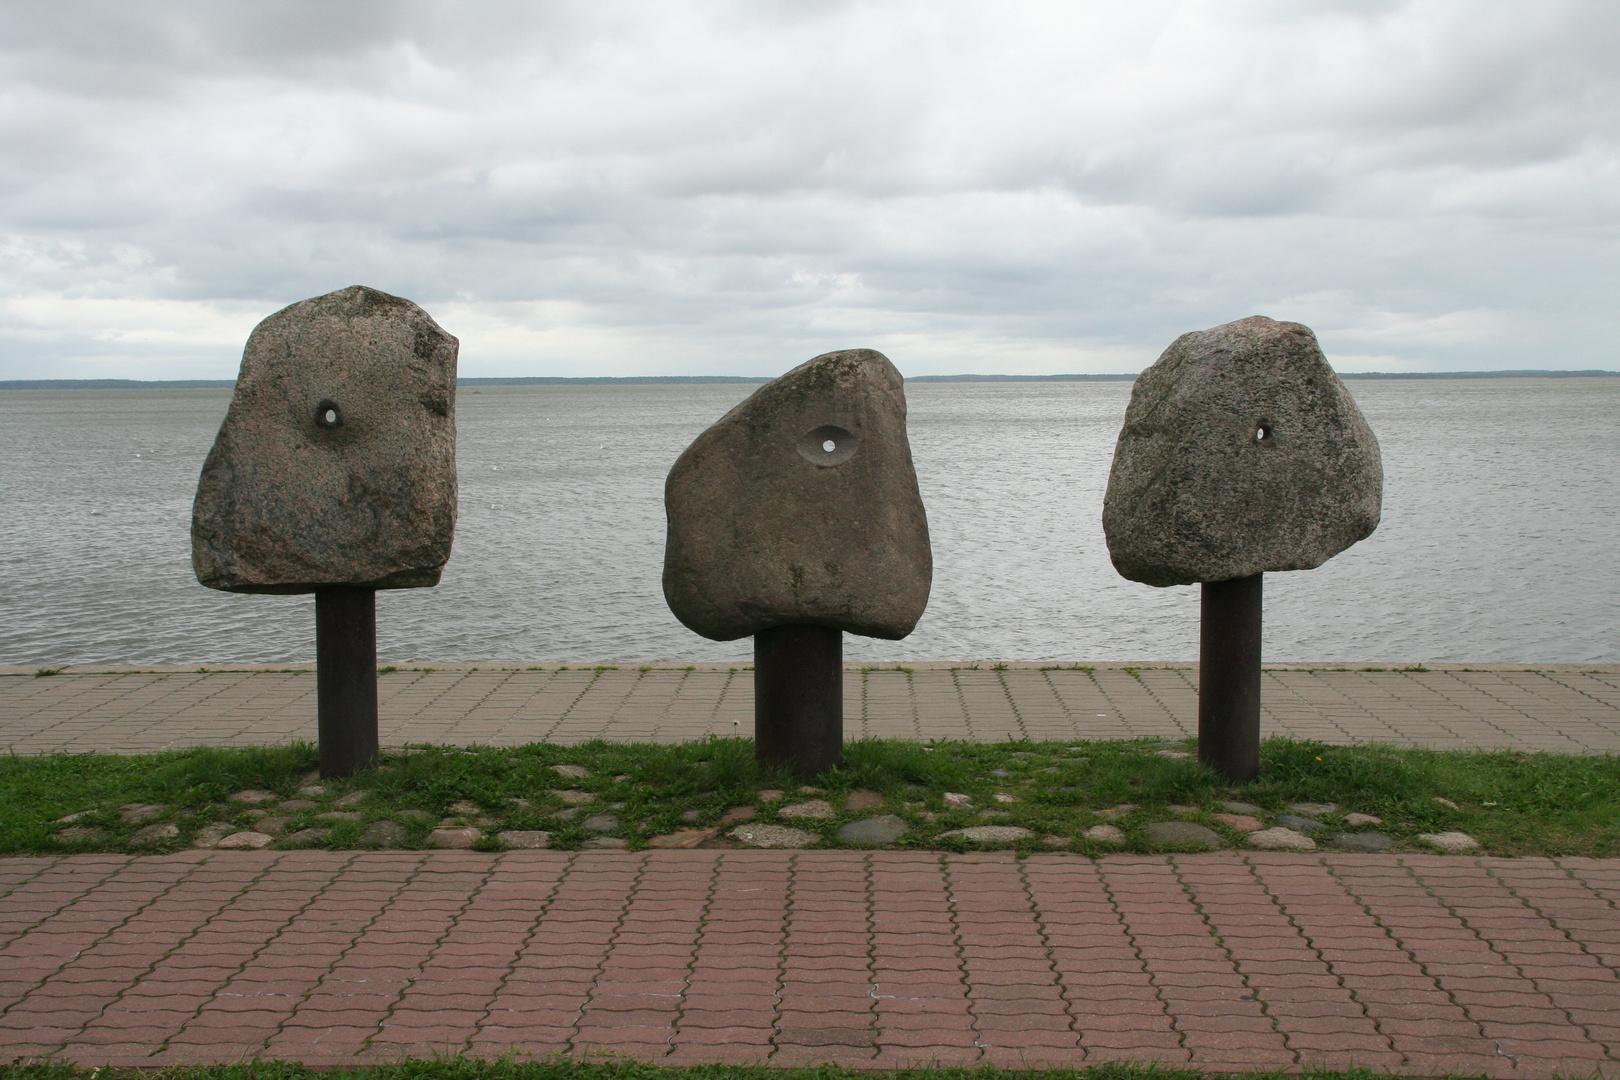 Am Kurischen Haff - Kunstwerke am Strand: Einfach aber doch genial und ansprechend